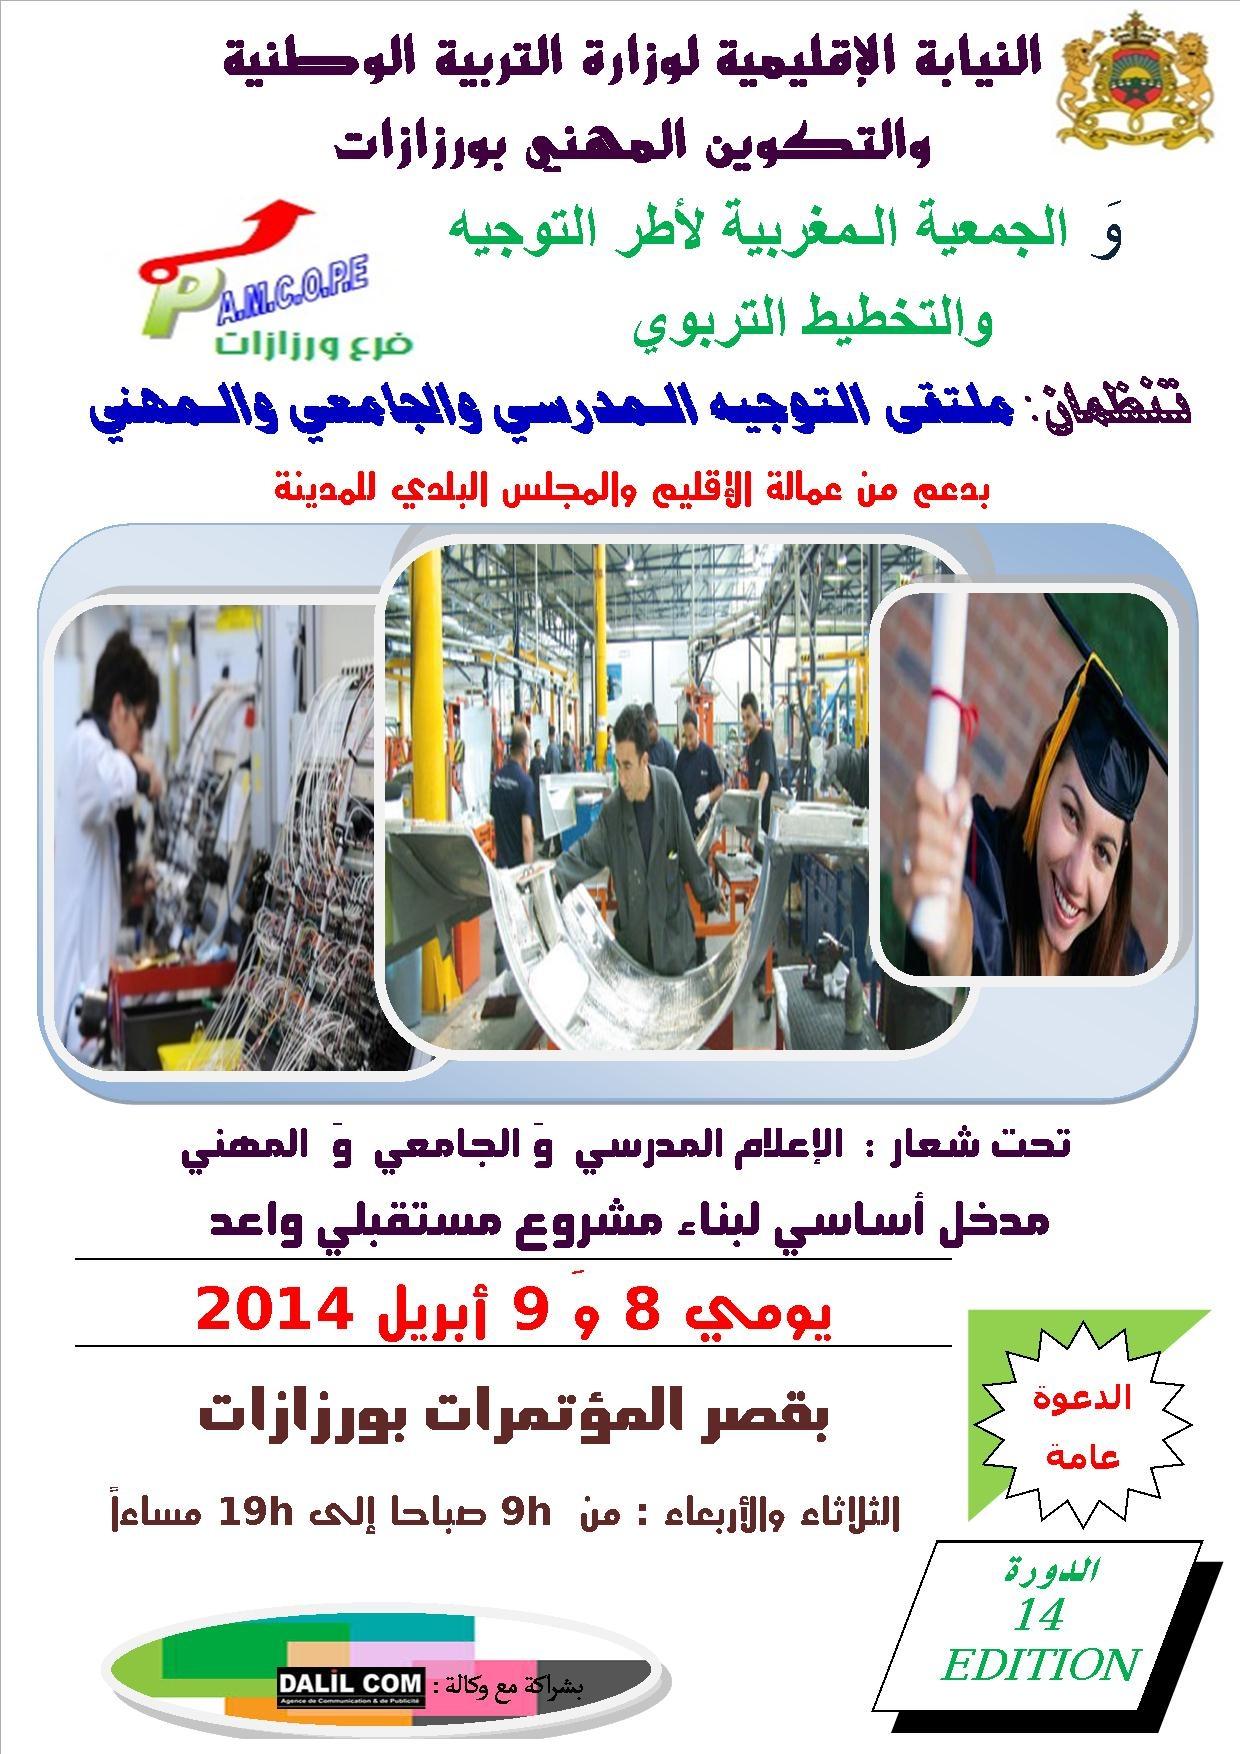 الدورة 14 لملتقى التوجيه للإعلام المدرسي و الجامعي و المهني  بورزازات